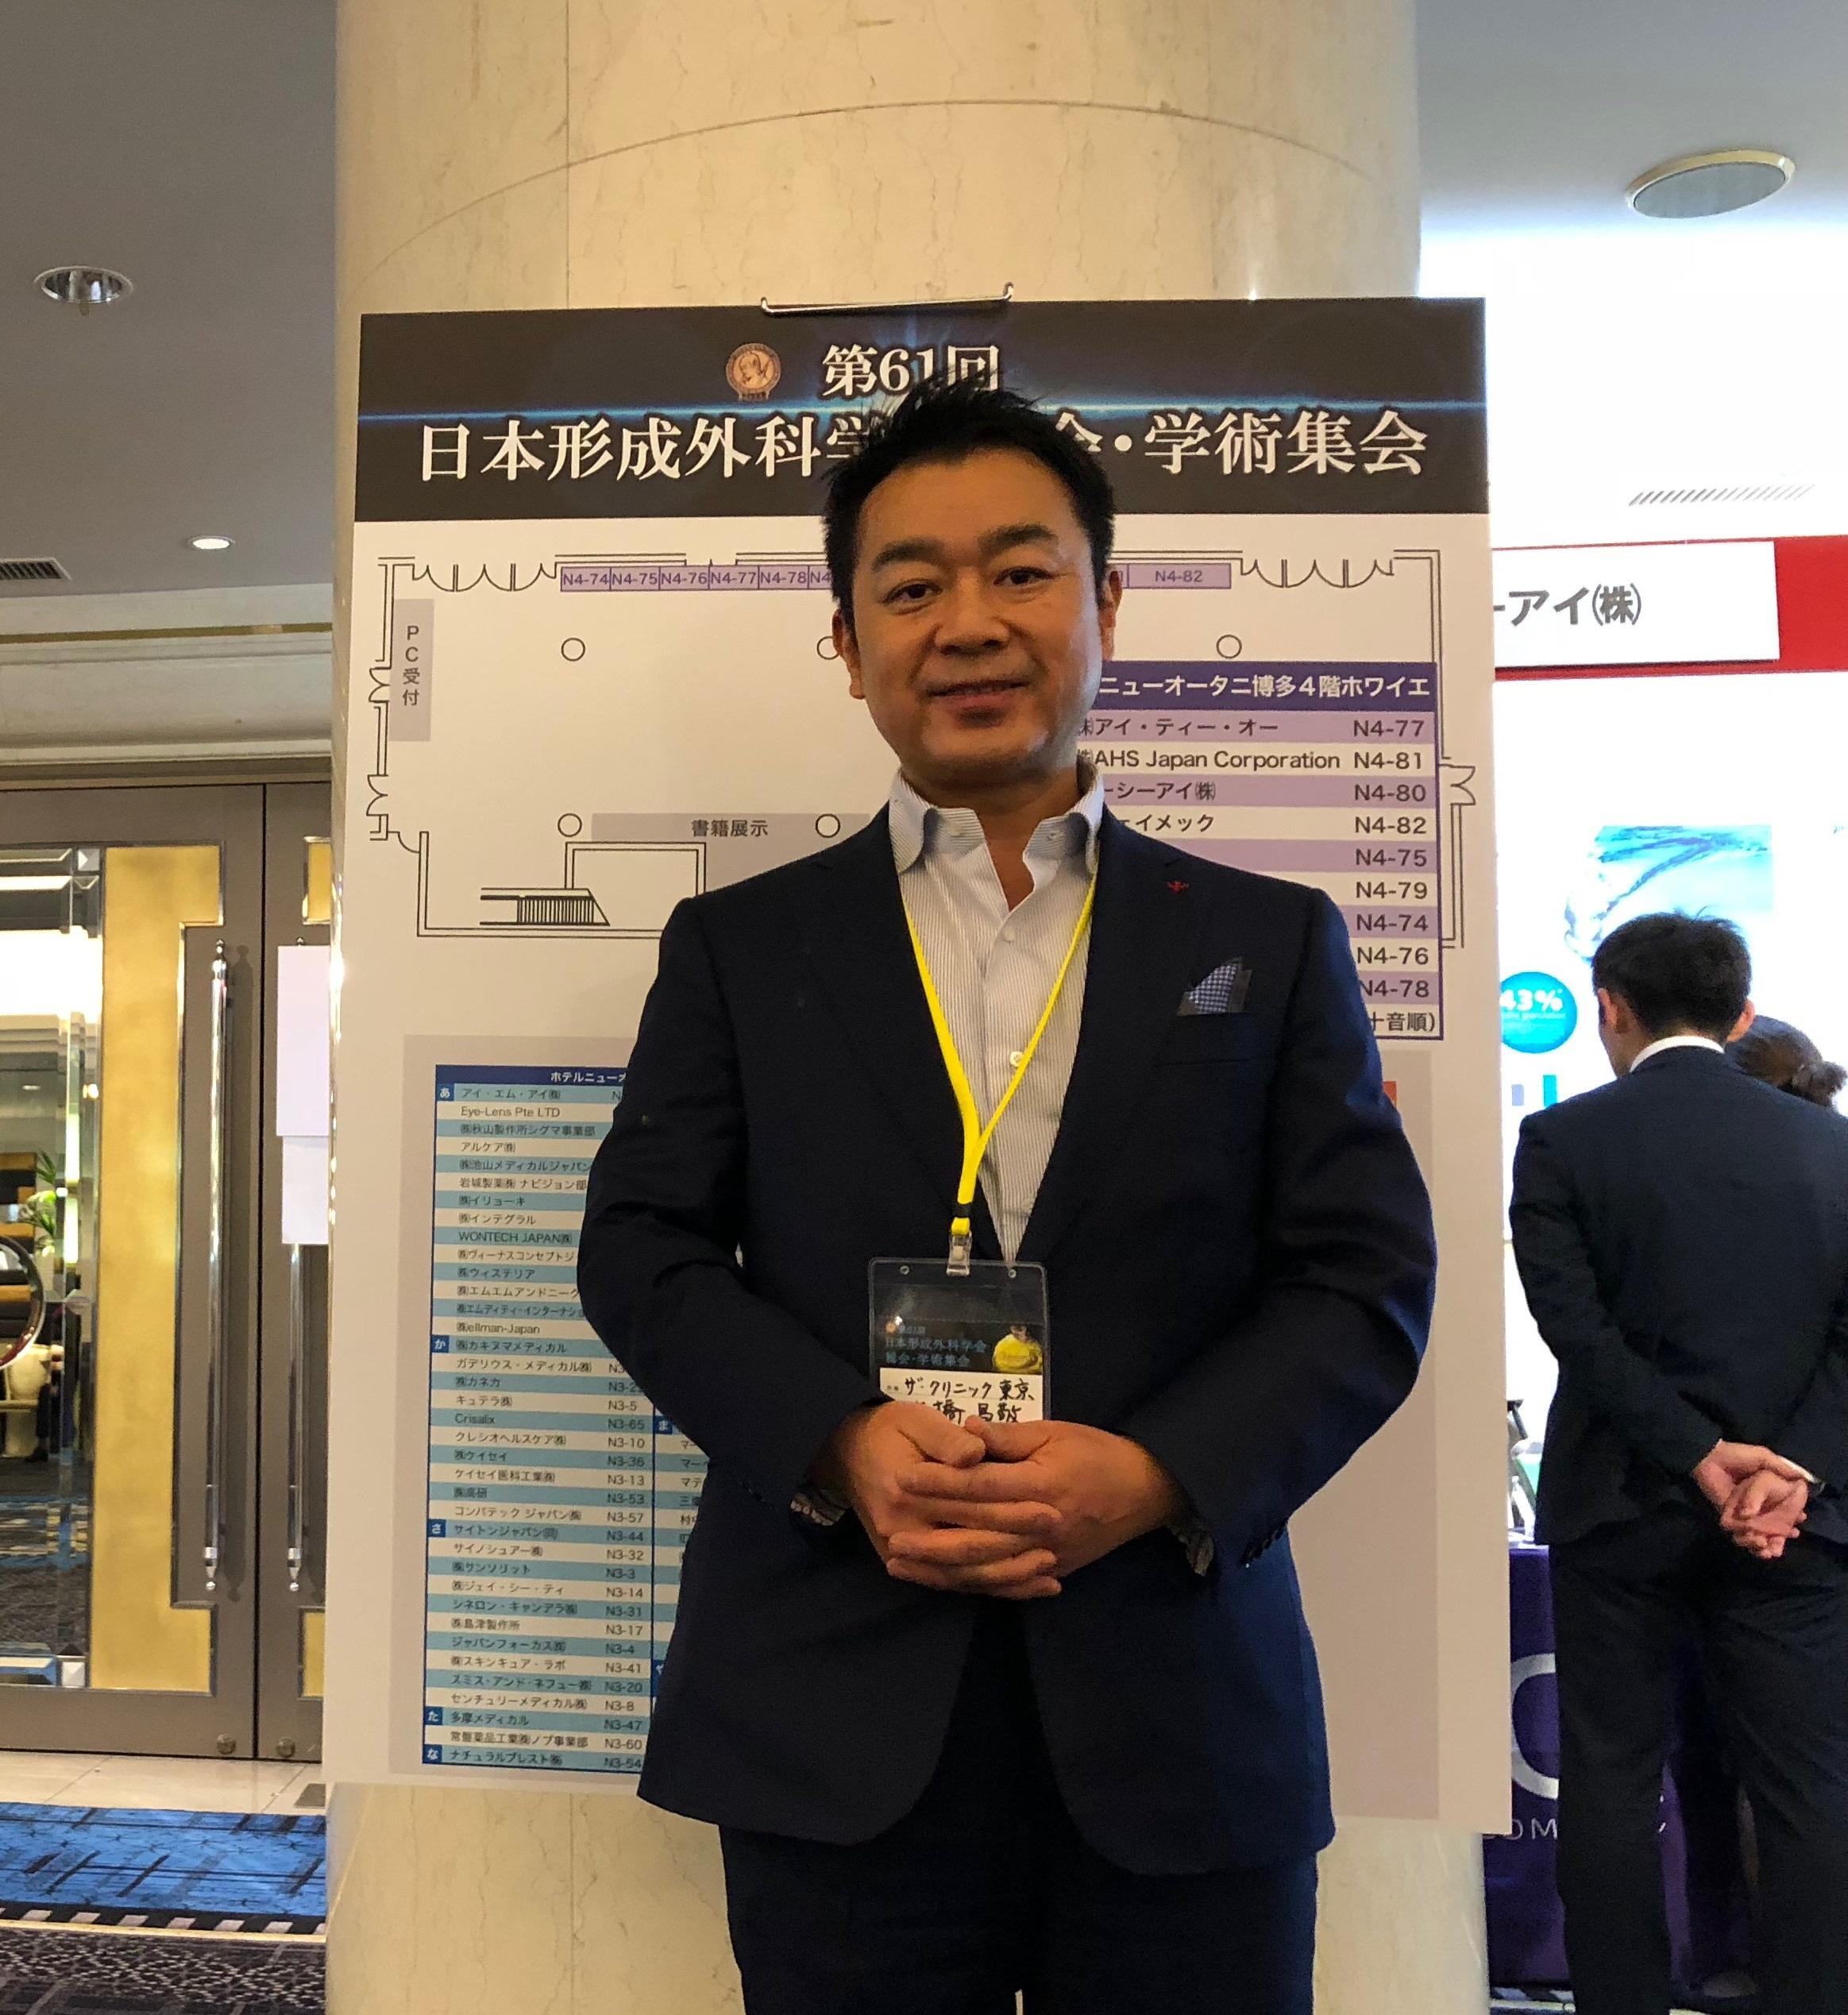 第61回 日本形成外科学会総会 2日目